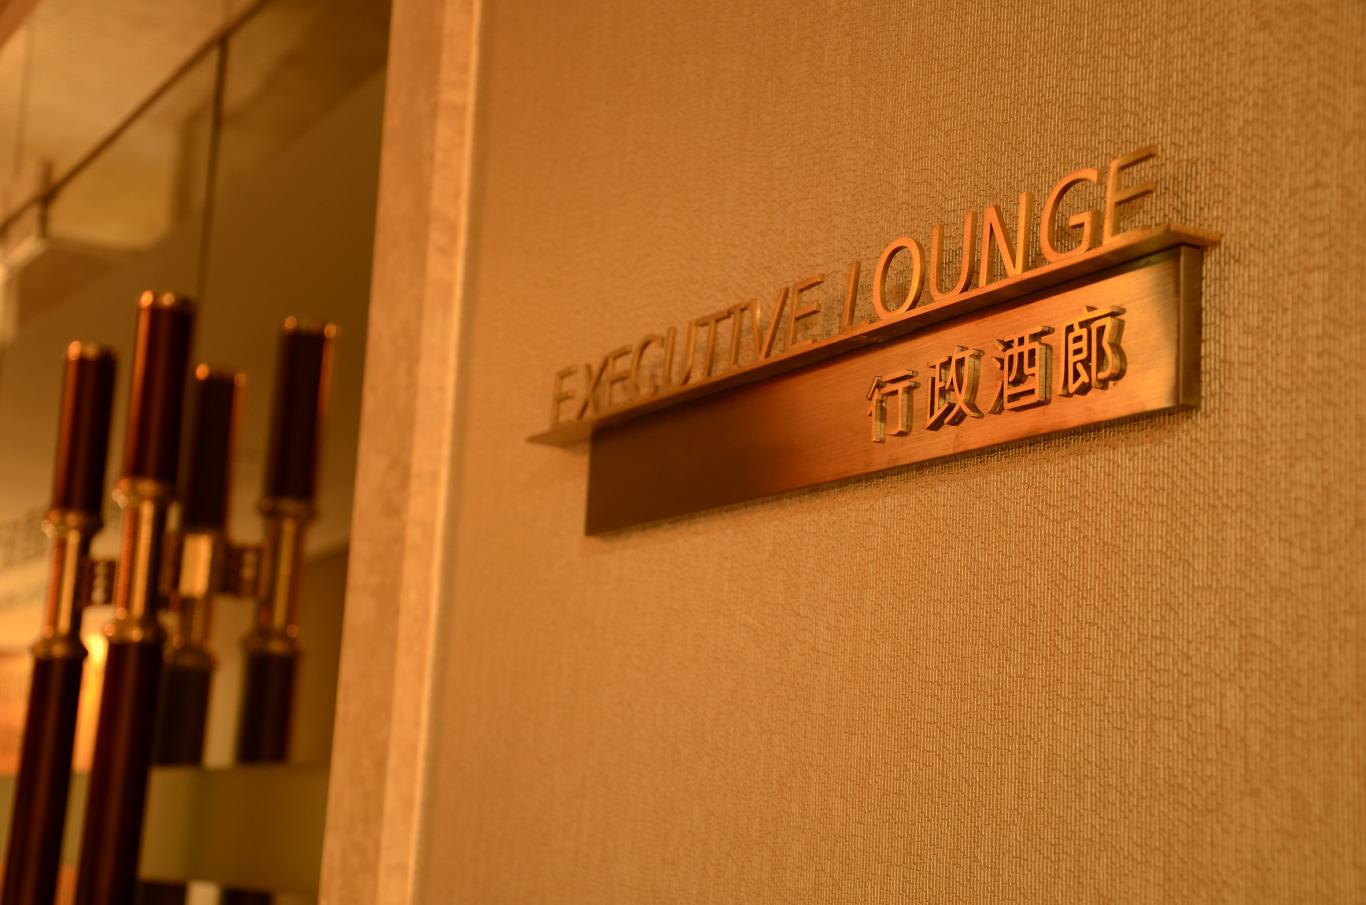 南京希尔顿酒店标识系统设计图6